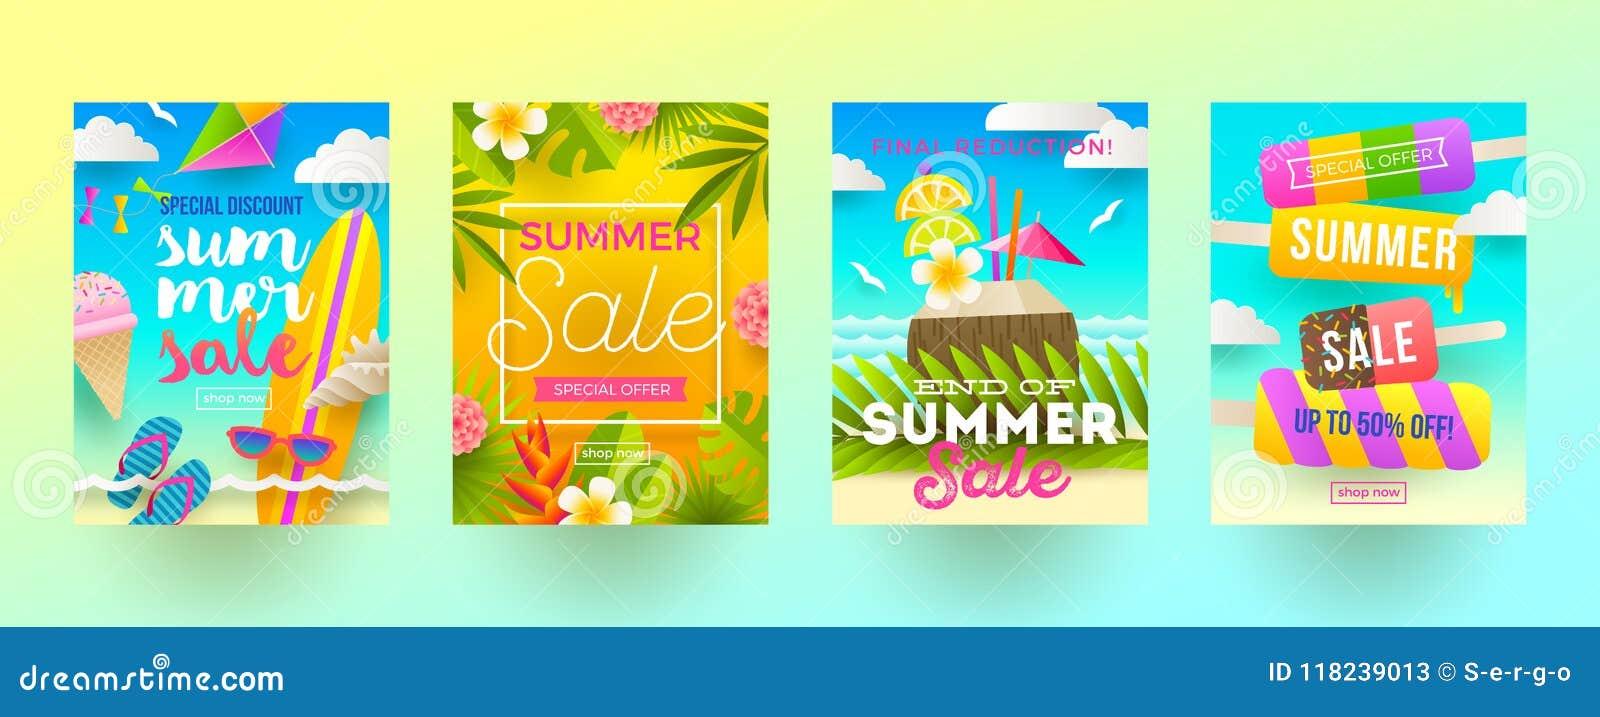 Satz Sommerschlussverkaufförderungsfahnen Ferien, Feiertage und bunter heller Hintergrund der Reise Plakat- oder Newsletterdesign